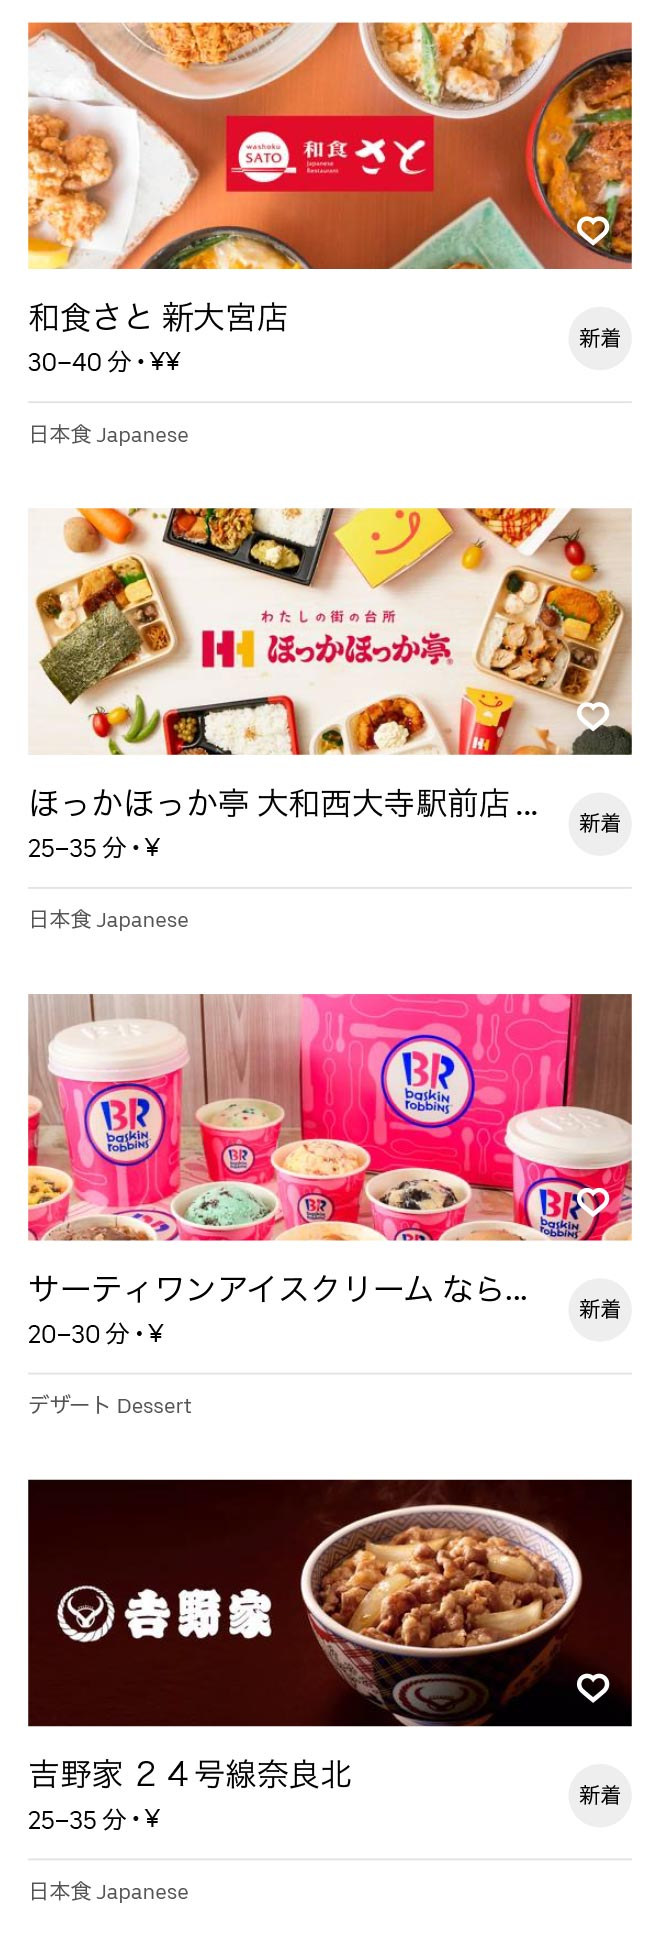 Nara saidaiji menu 2007 02